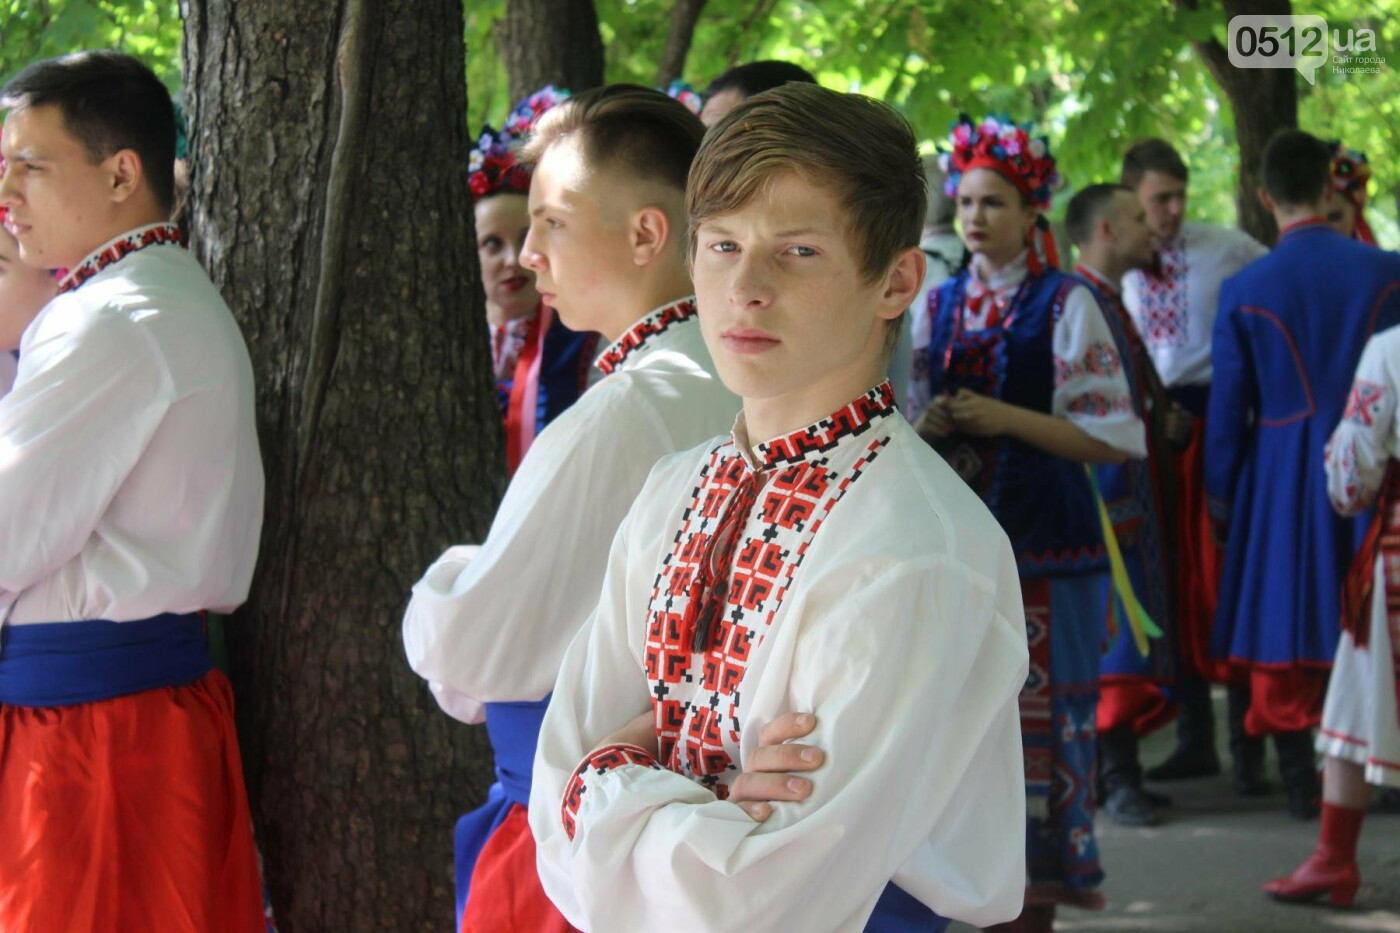 В Николаеве отпраздновали День семьи, - ФОТО, фото-6